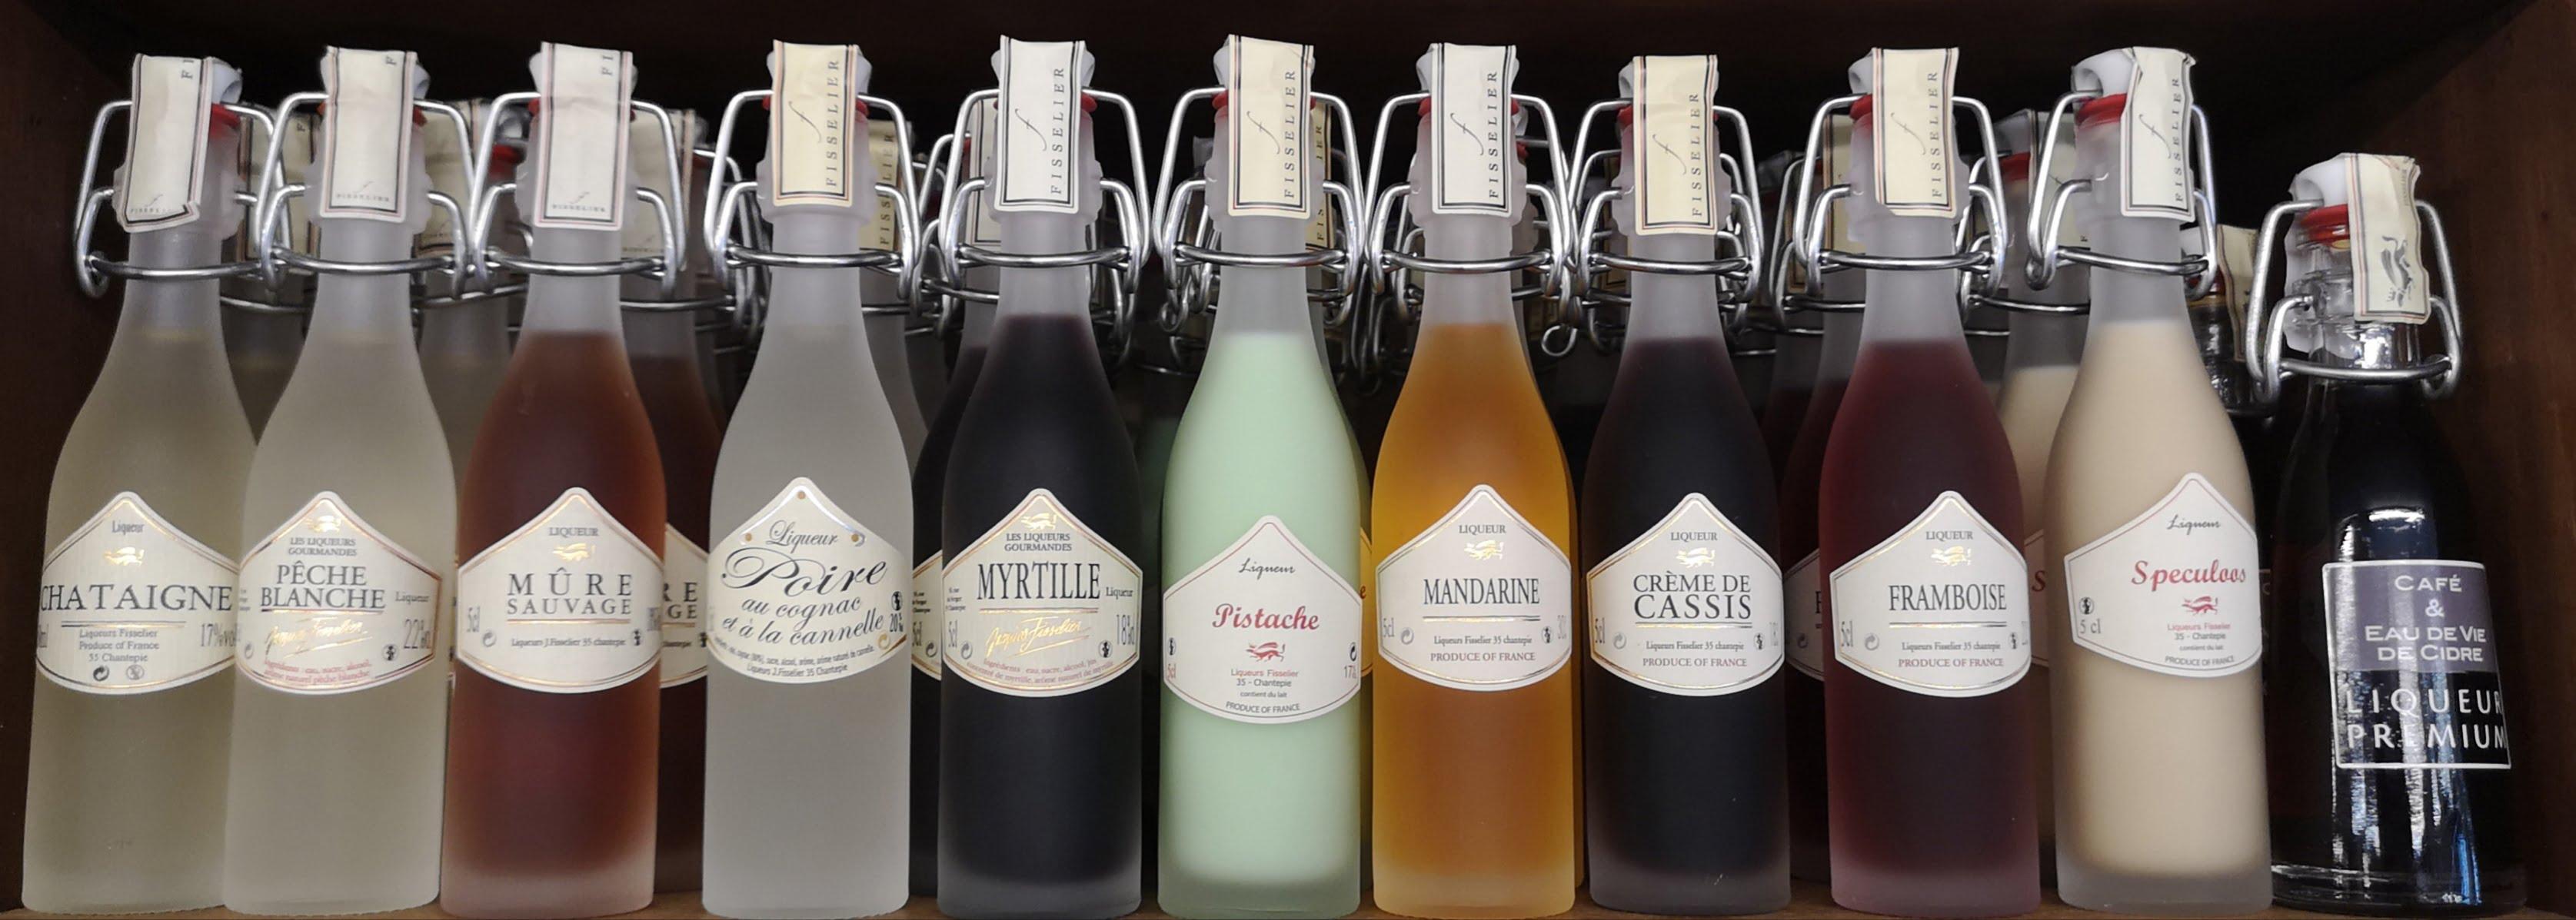 Fissilier liqueurs in miniature